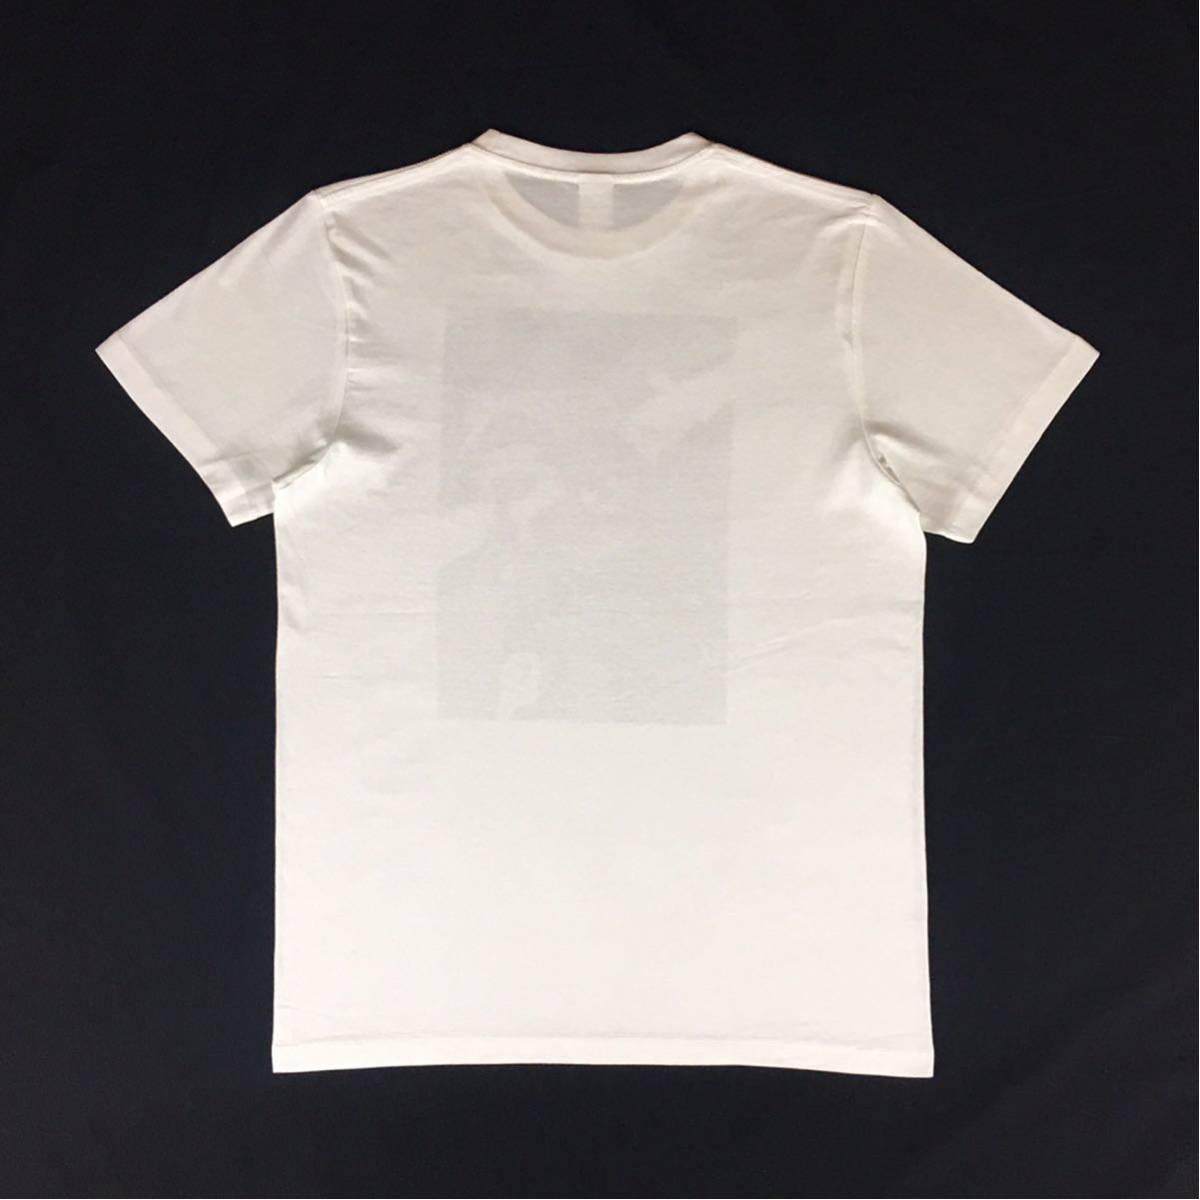 新品 サッカー メッシ Tシャツ S M L XL ワールドカップ バルセロナ アルゼンチン ロナウド ビッグ オーバー サイズ XXL~5XL 長袖 黒 対応_画像10